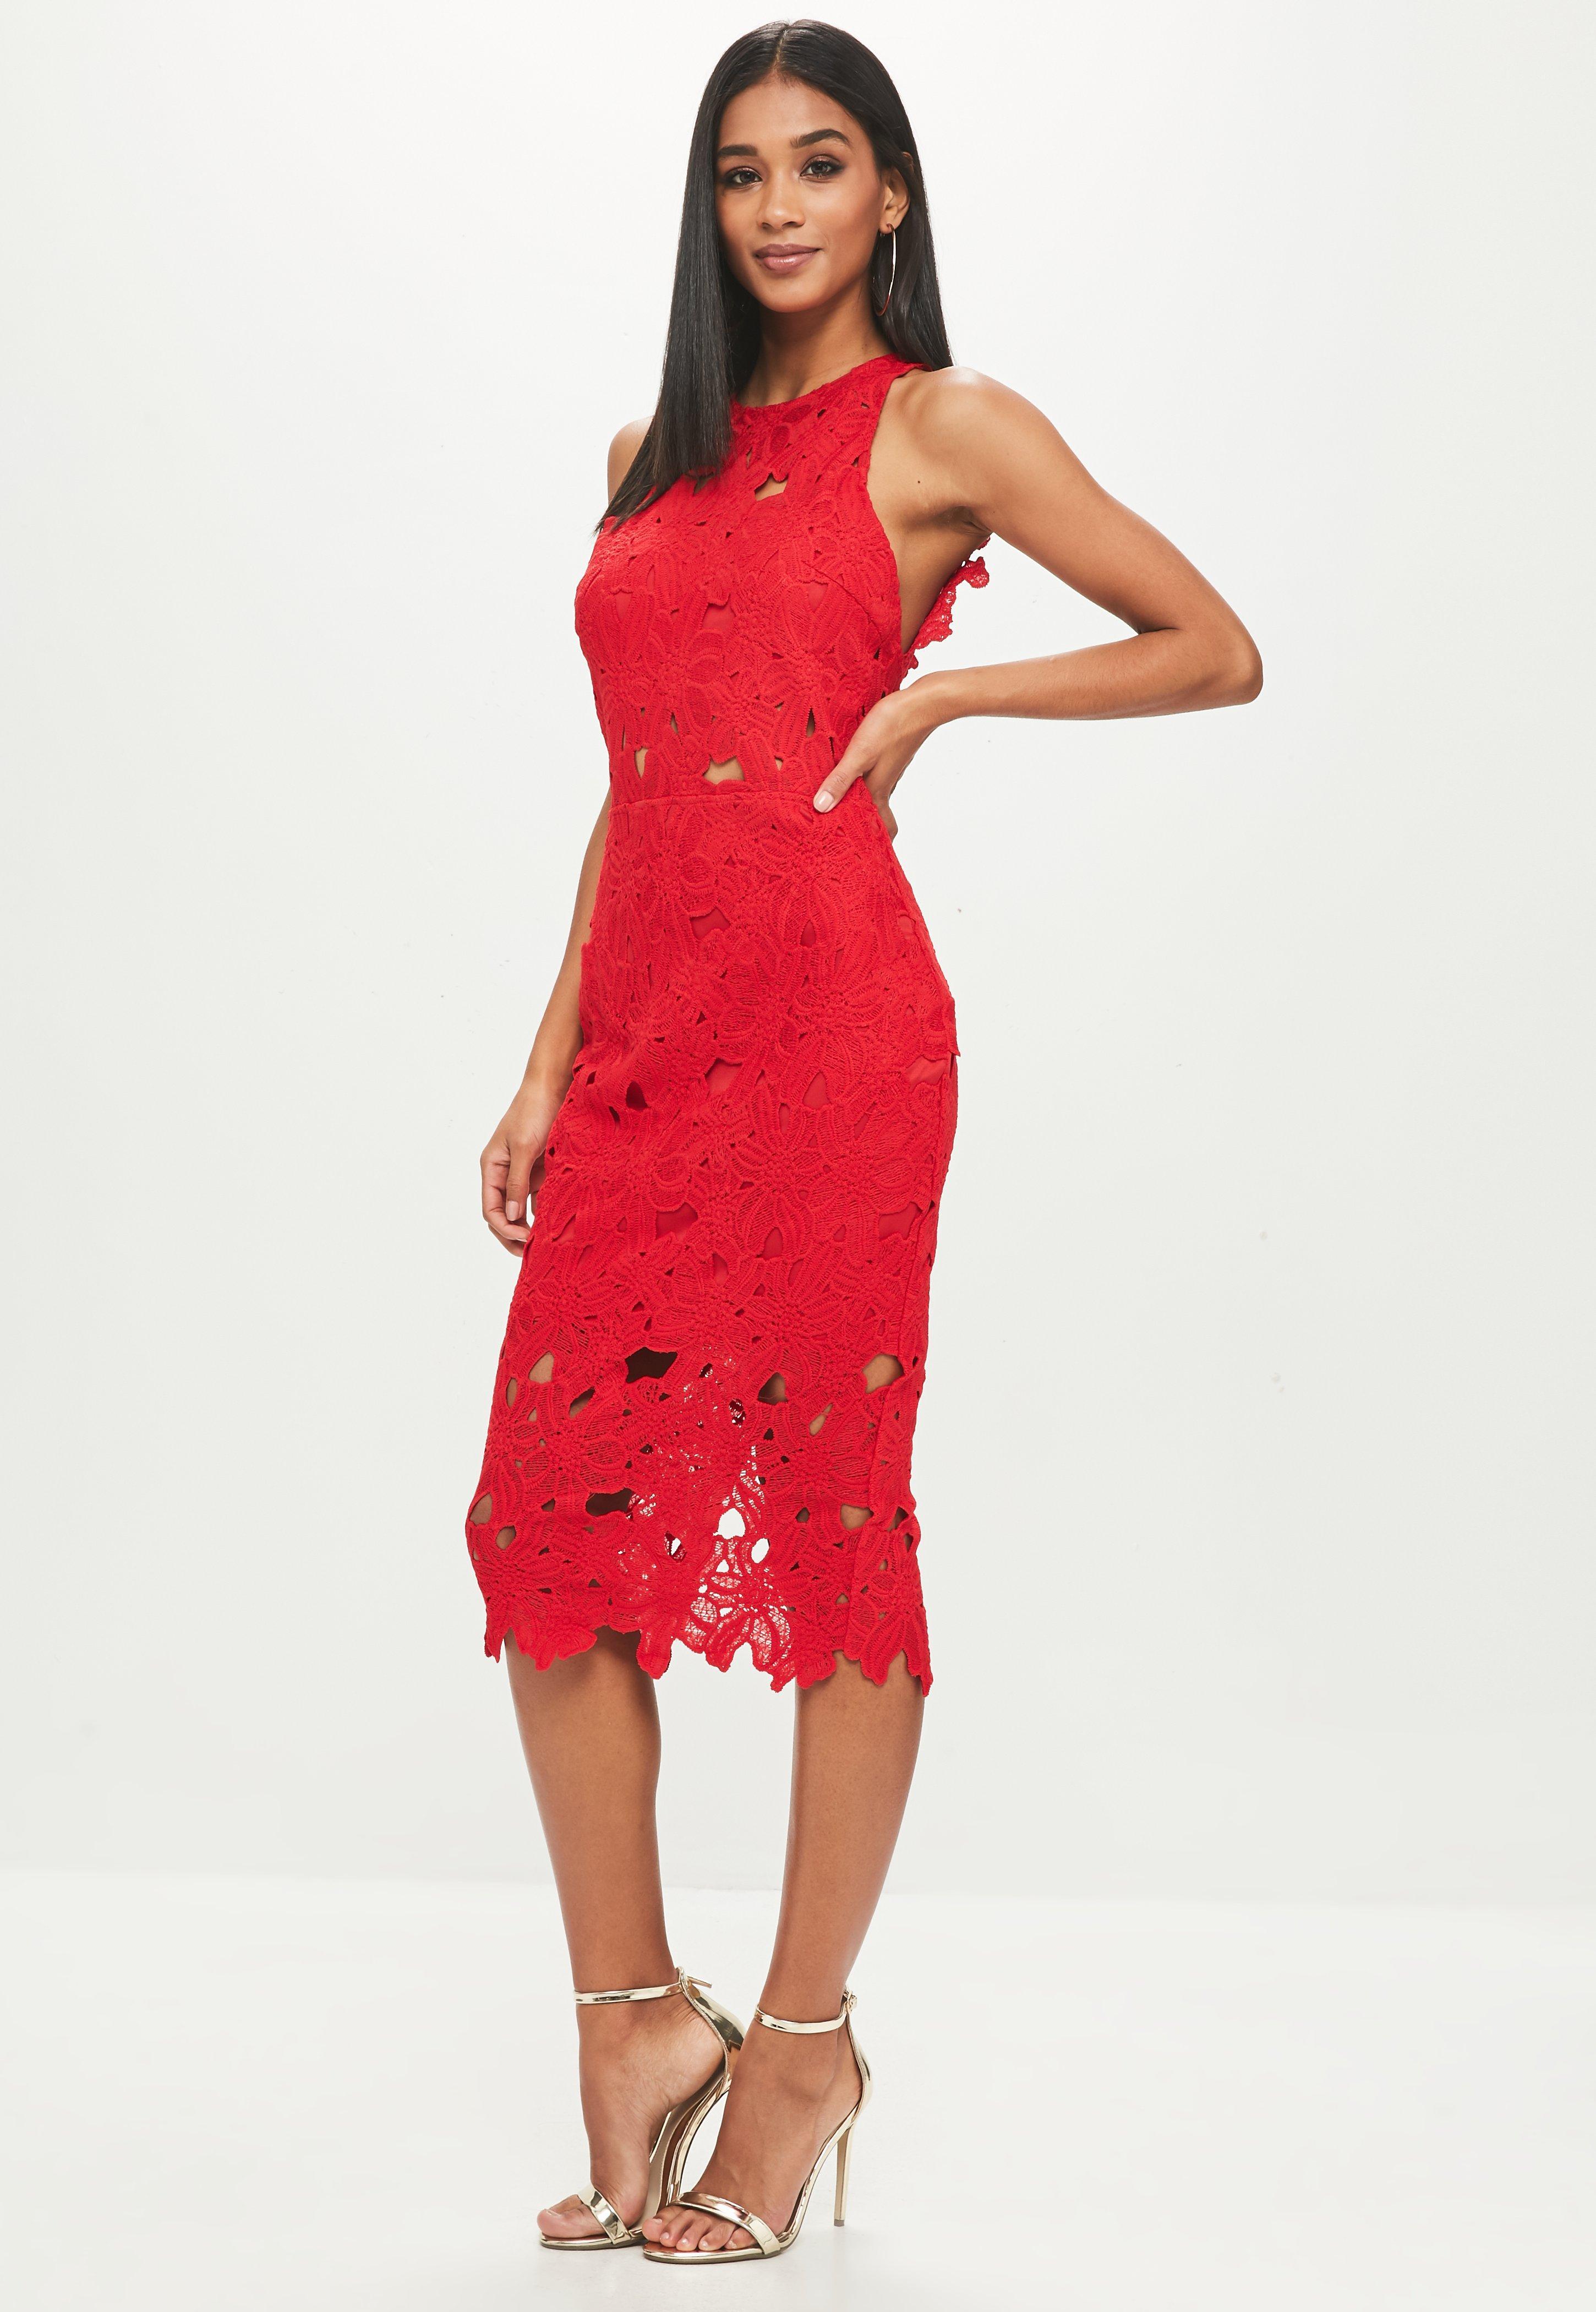 Tall Dresses, Tall Maxi & Evening Dresses - Missguided